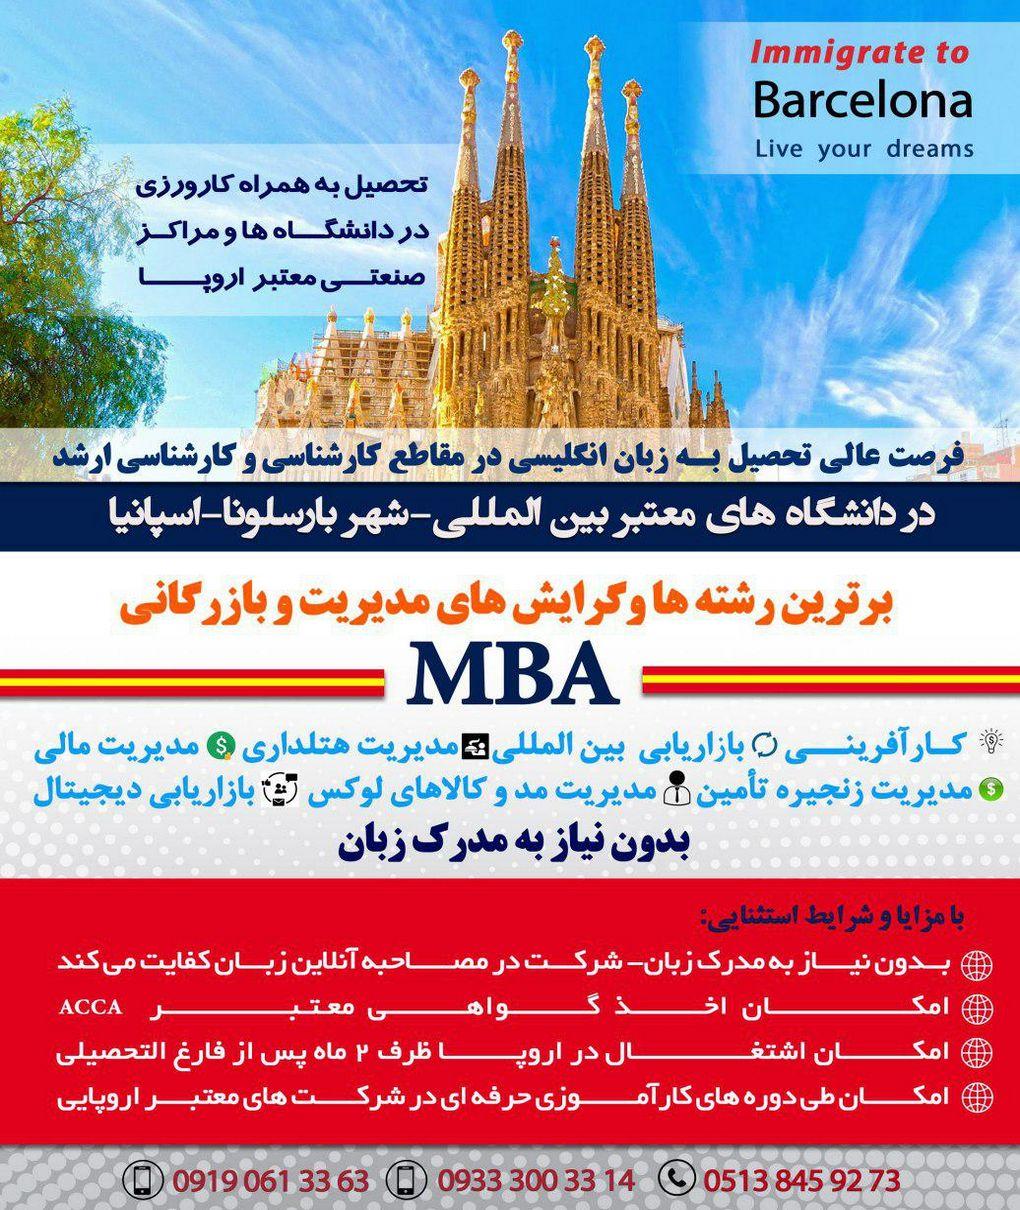 فرصت عالی تحصیل به زبان انگلیسی در مقاطع کارشناسی و کارشناسی ارشد